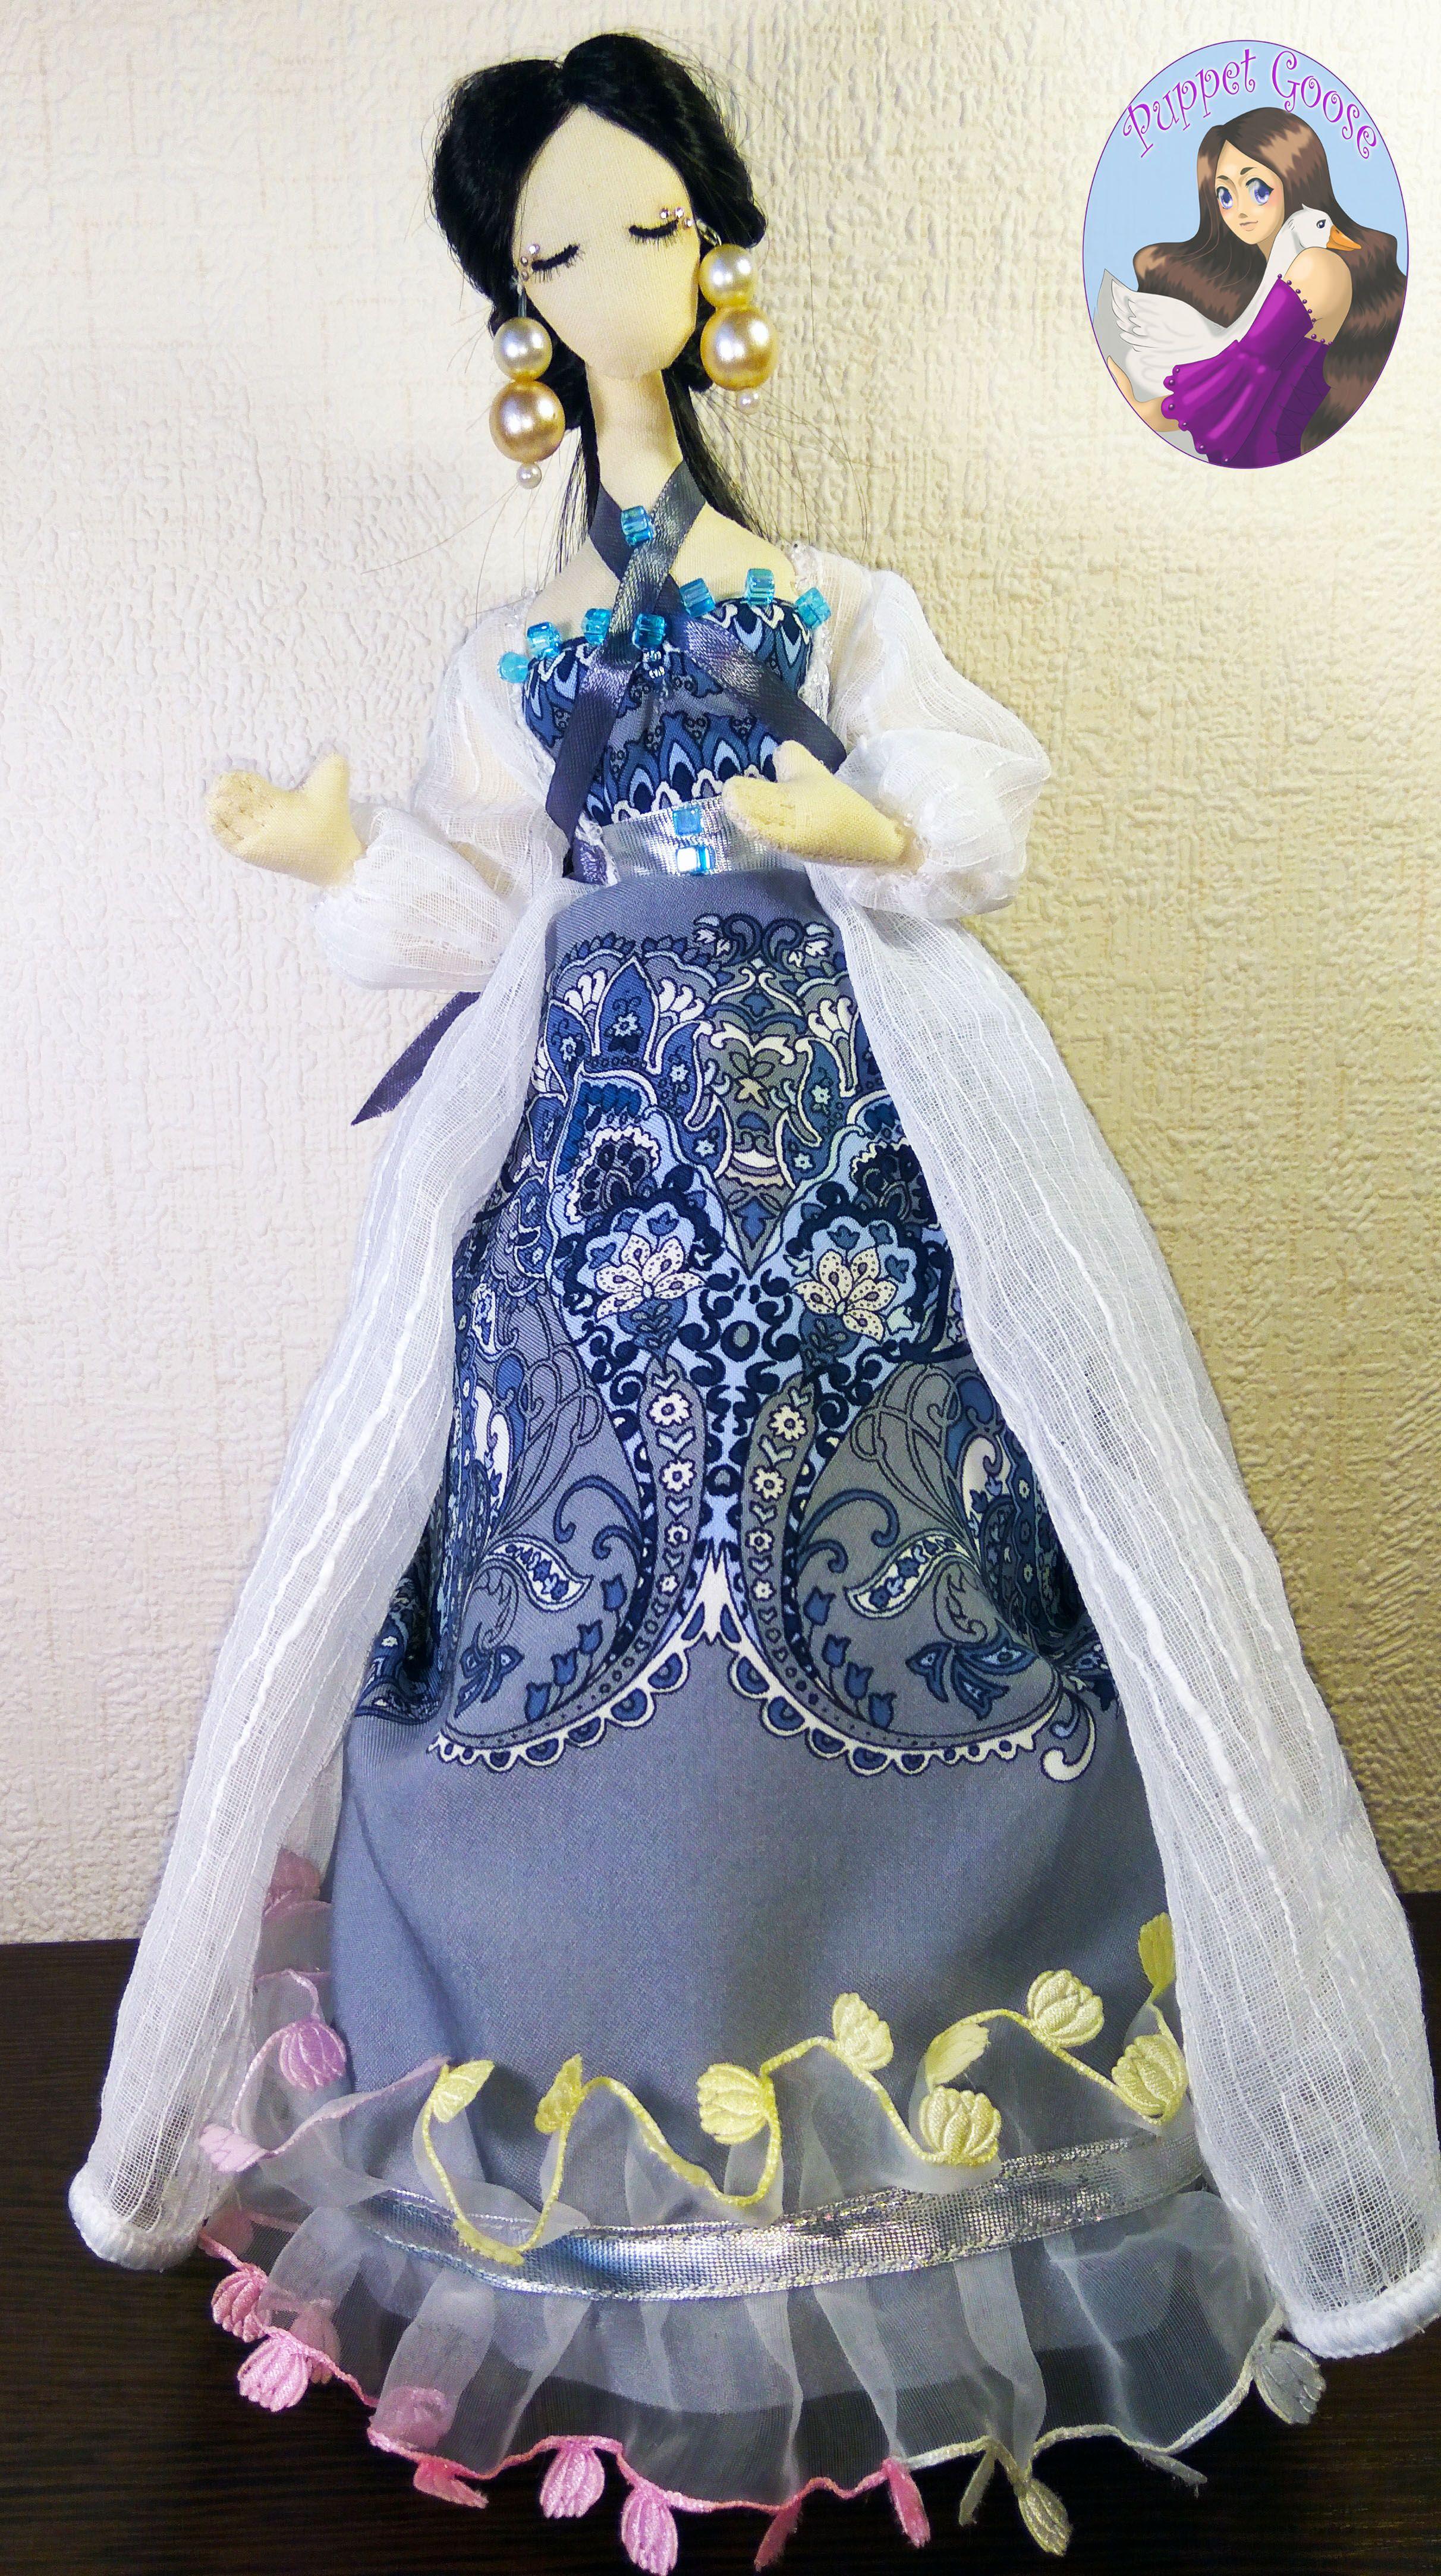 текстильная тряпиенс шитье ткань кукла интерьерная